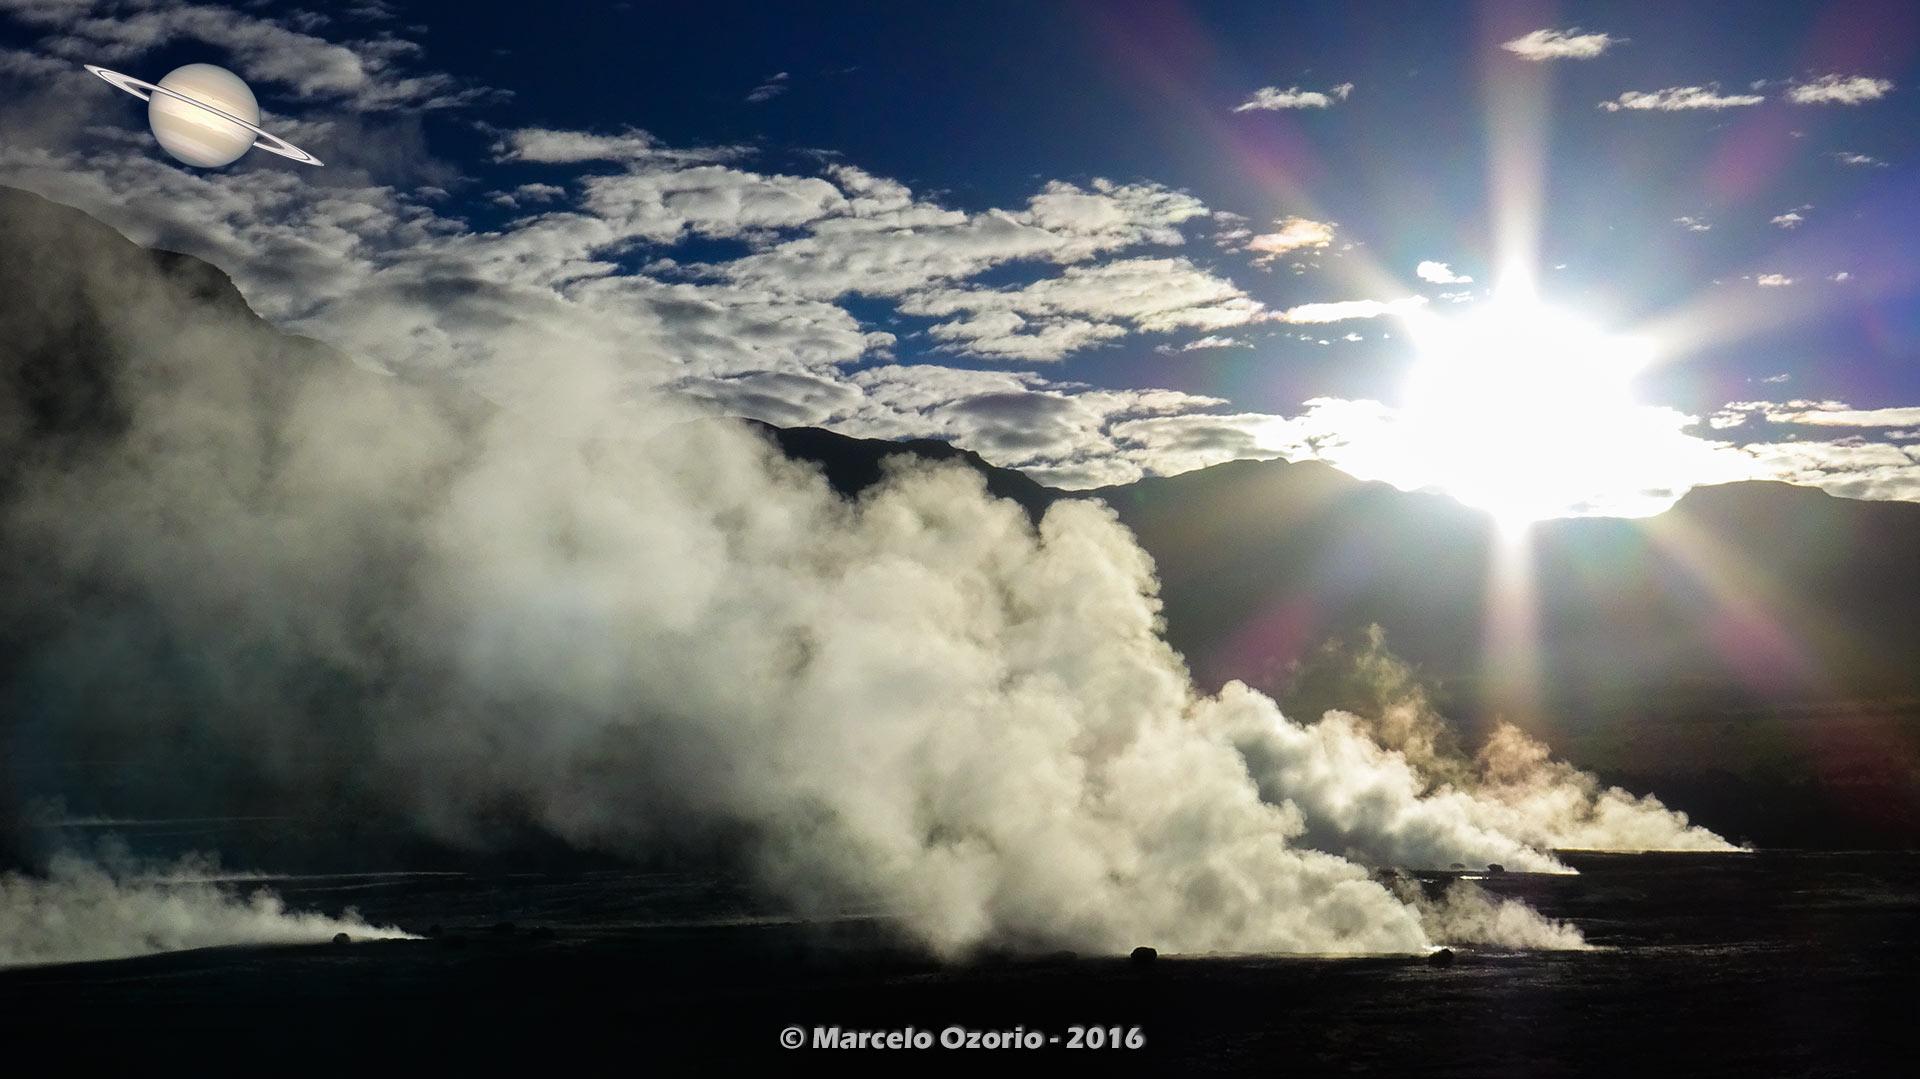 el tatio geysers atacama desert 20 - The Surreal El Tatio Geysers - Atacama Desert - Chile